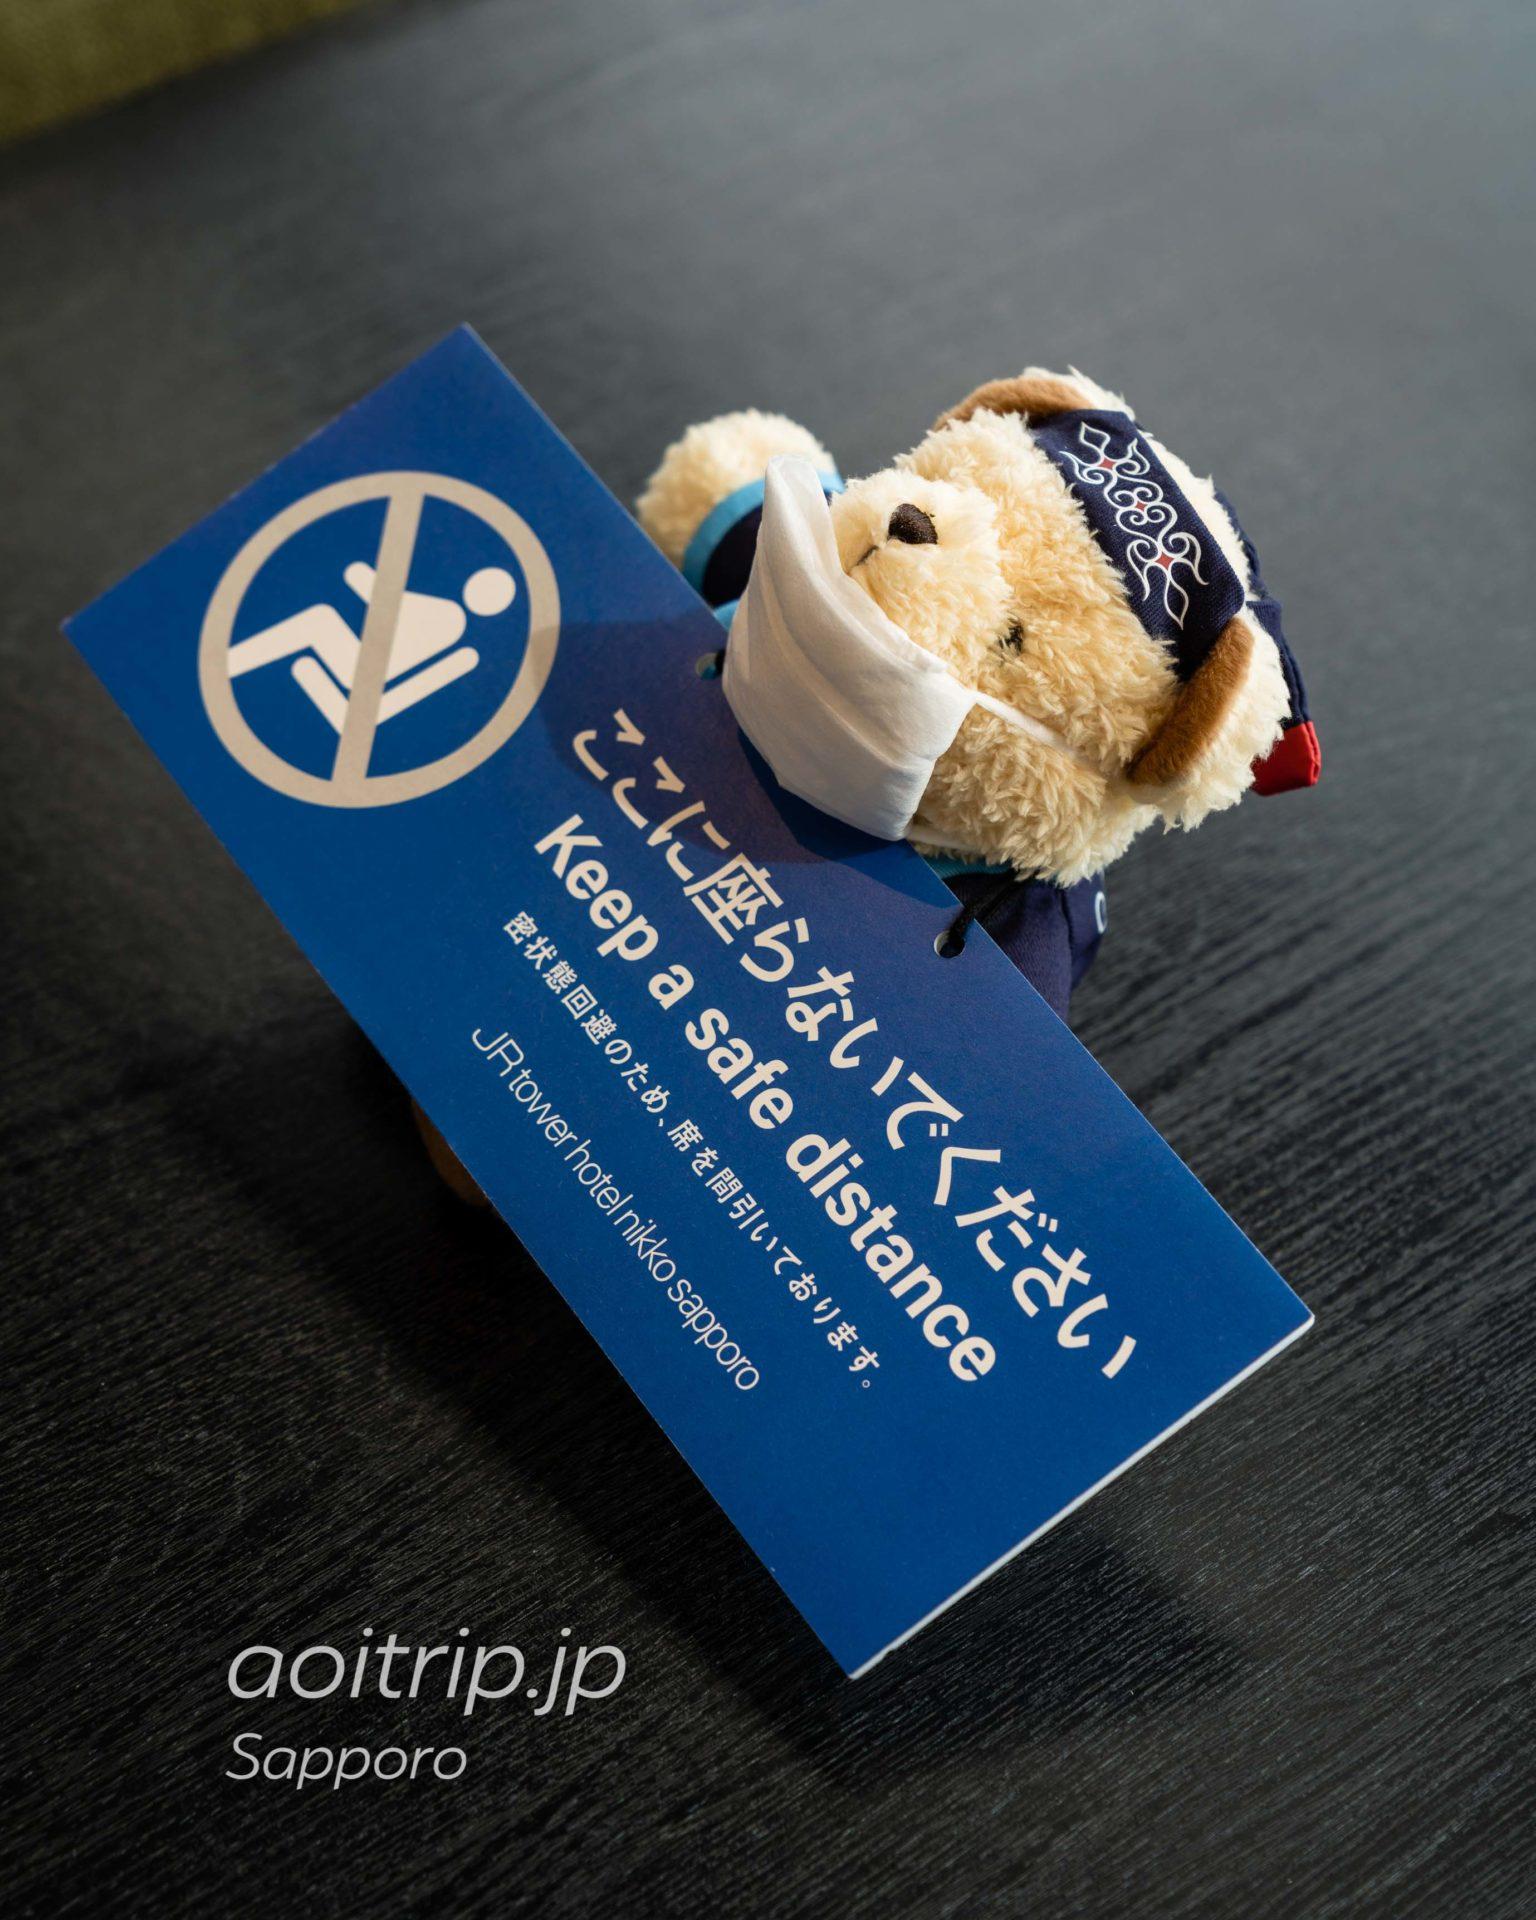 JRタワーホテル日航札幌のマスコット「シエル」